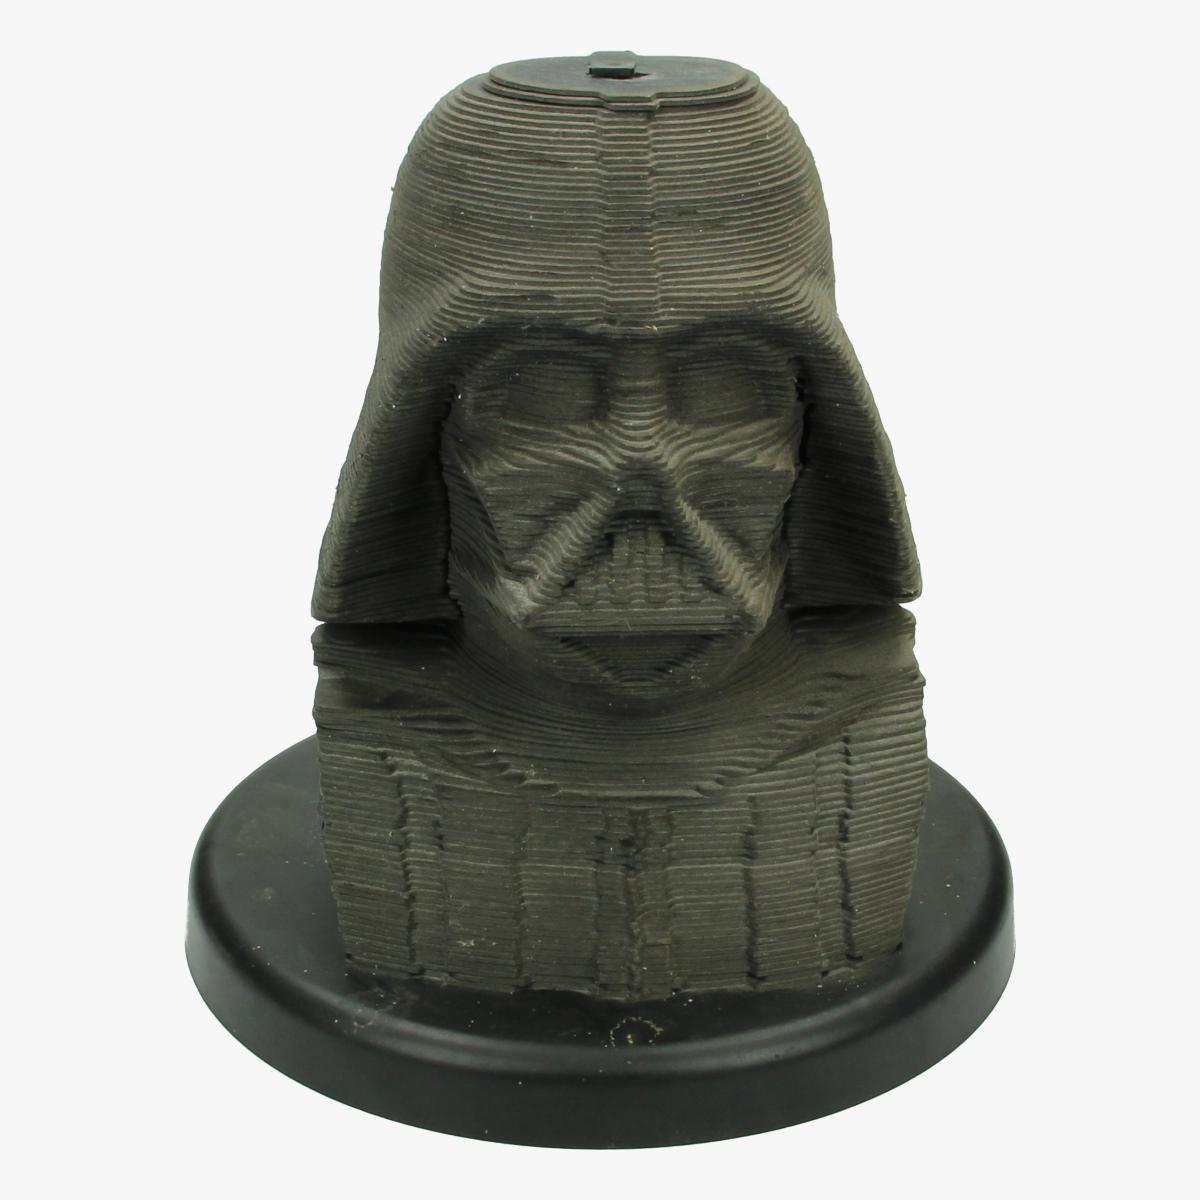 Afbeeldingen van Hoofdbeeld Darth Vader Star Wars